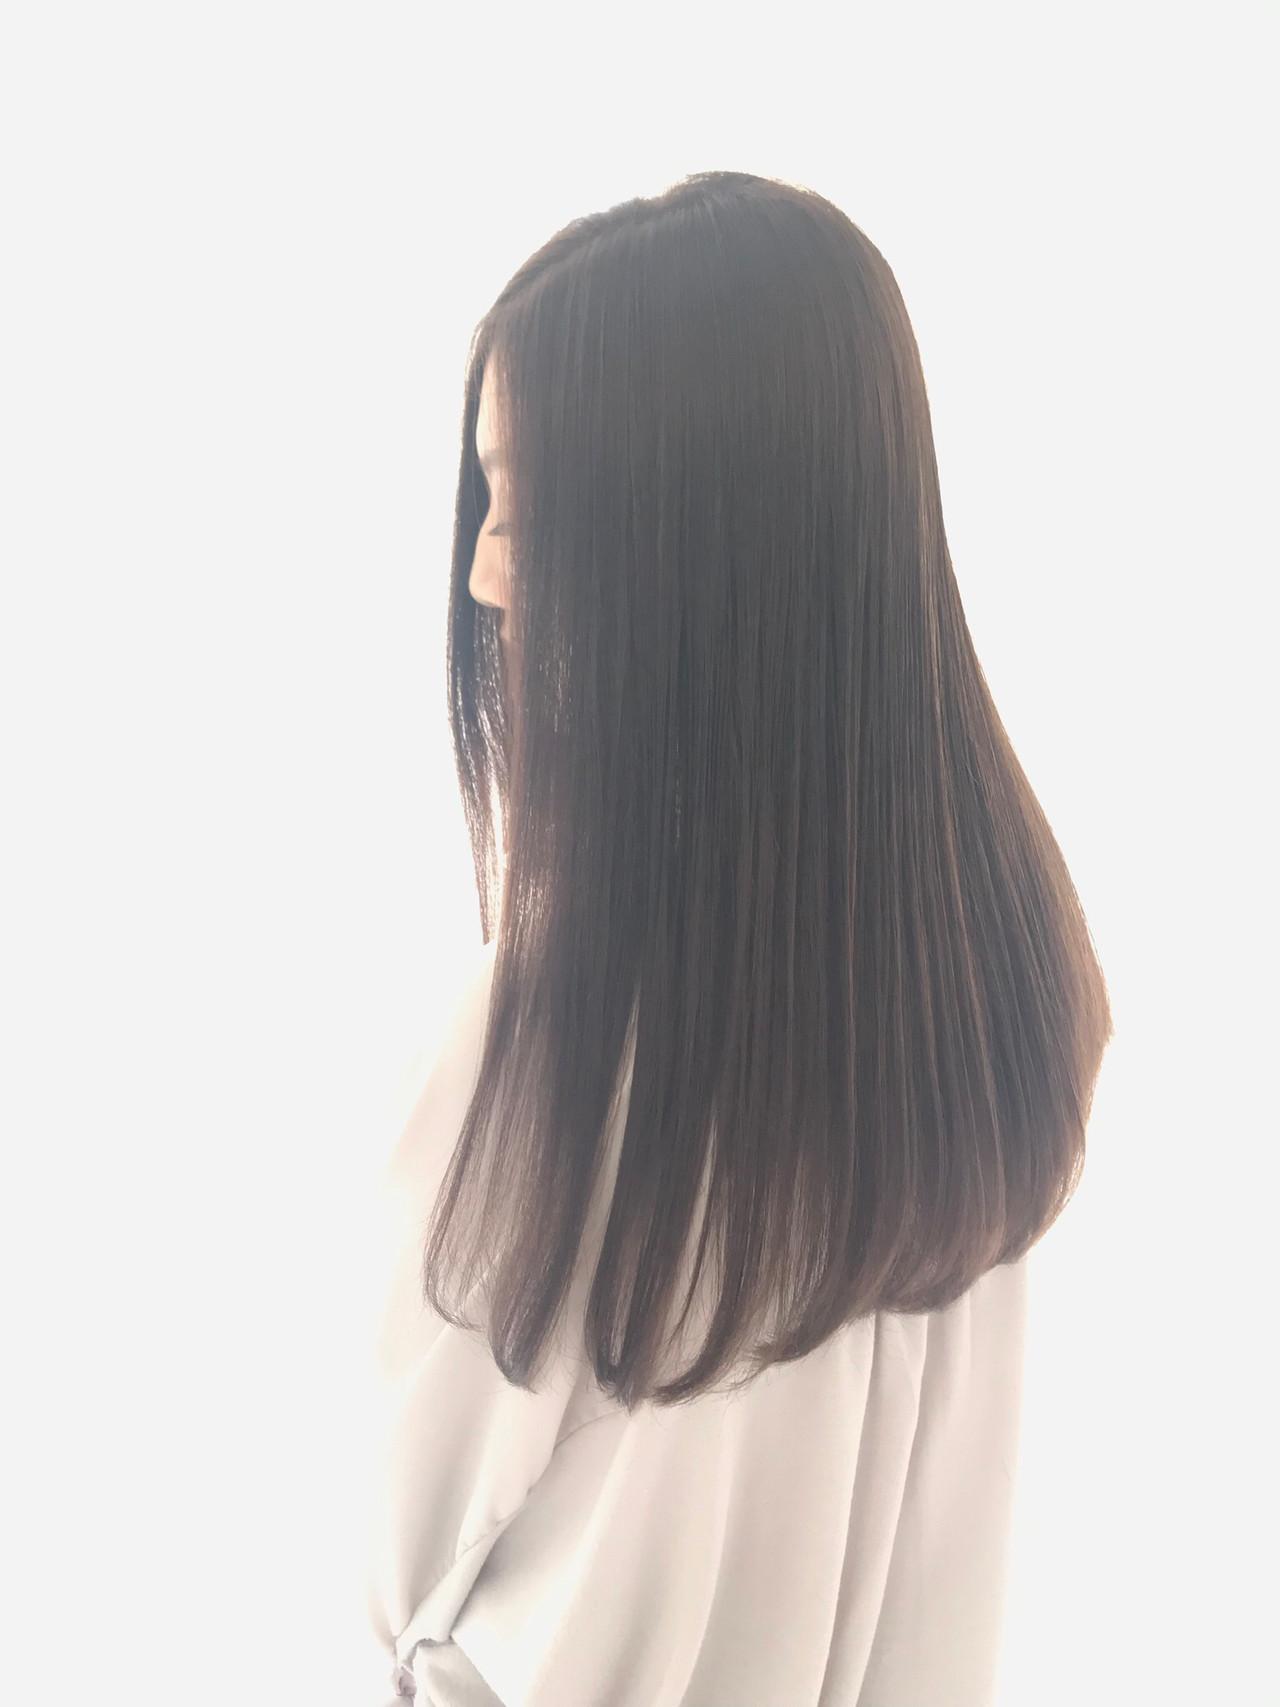 ロング ナチュラル ストレート 髪質改善カラー ヘアスタイルや髪型の写真・画像 | 林田のりこ / プラスアヴェダ